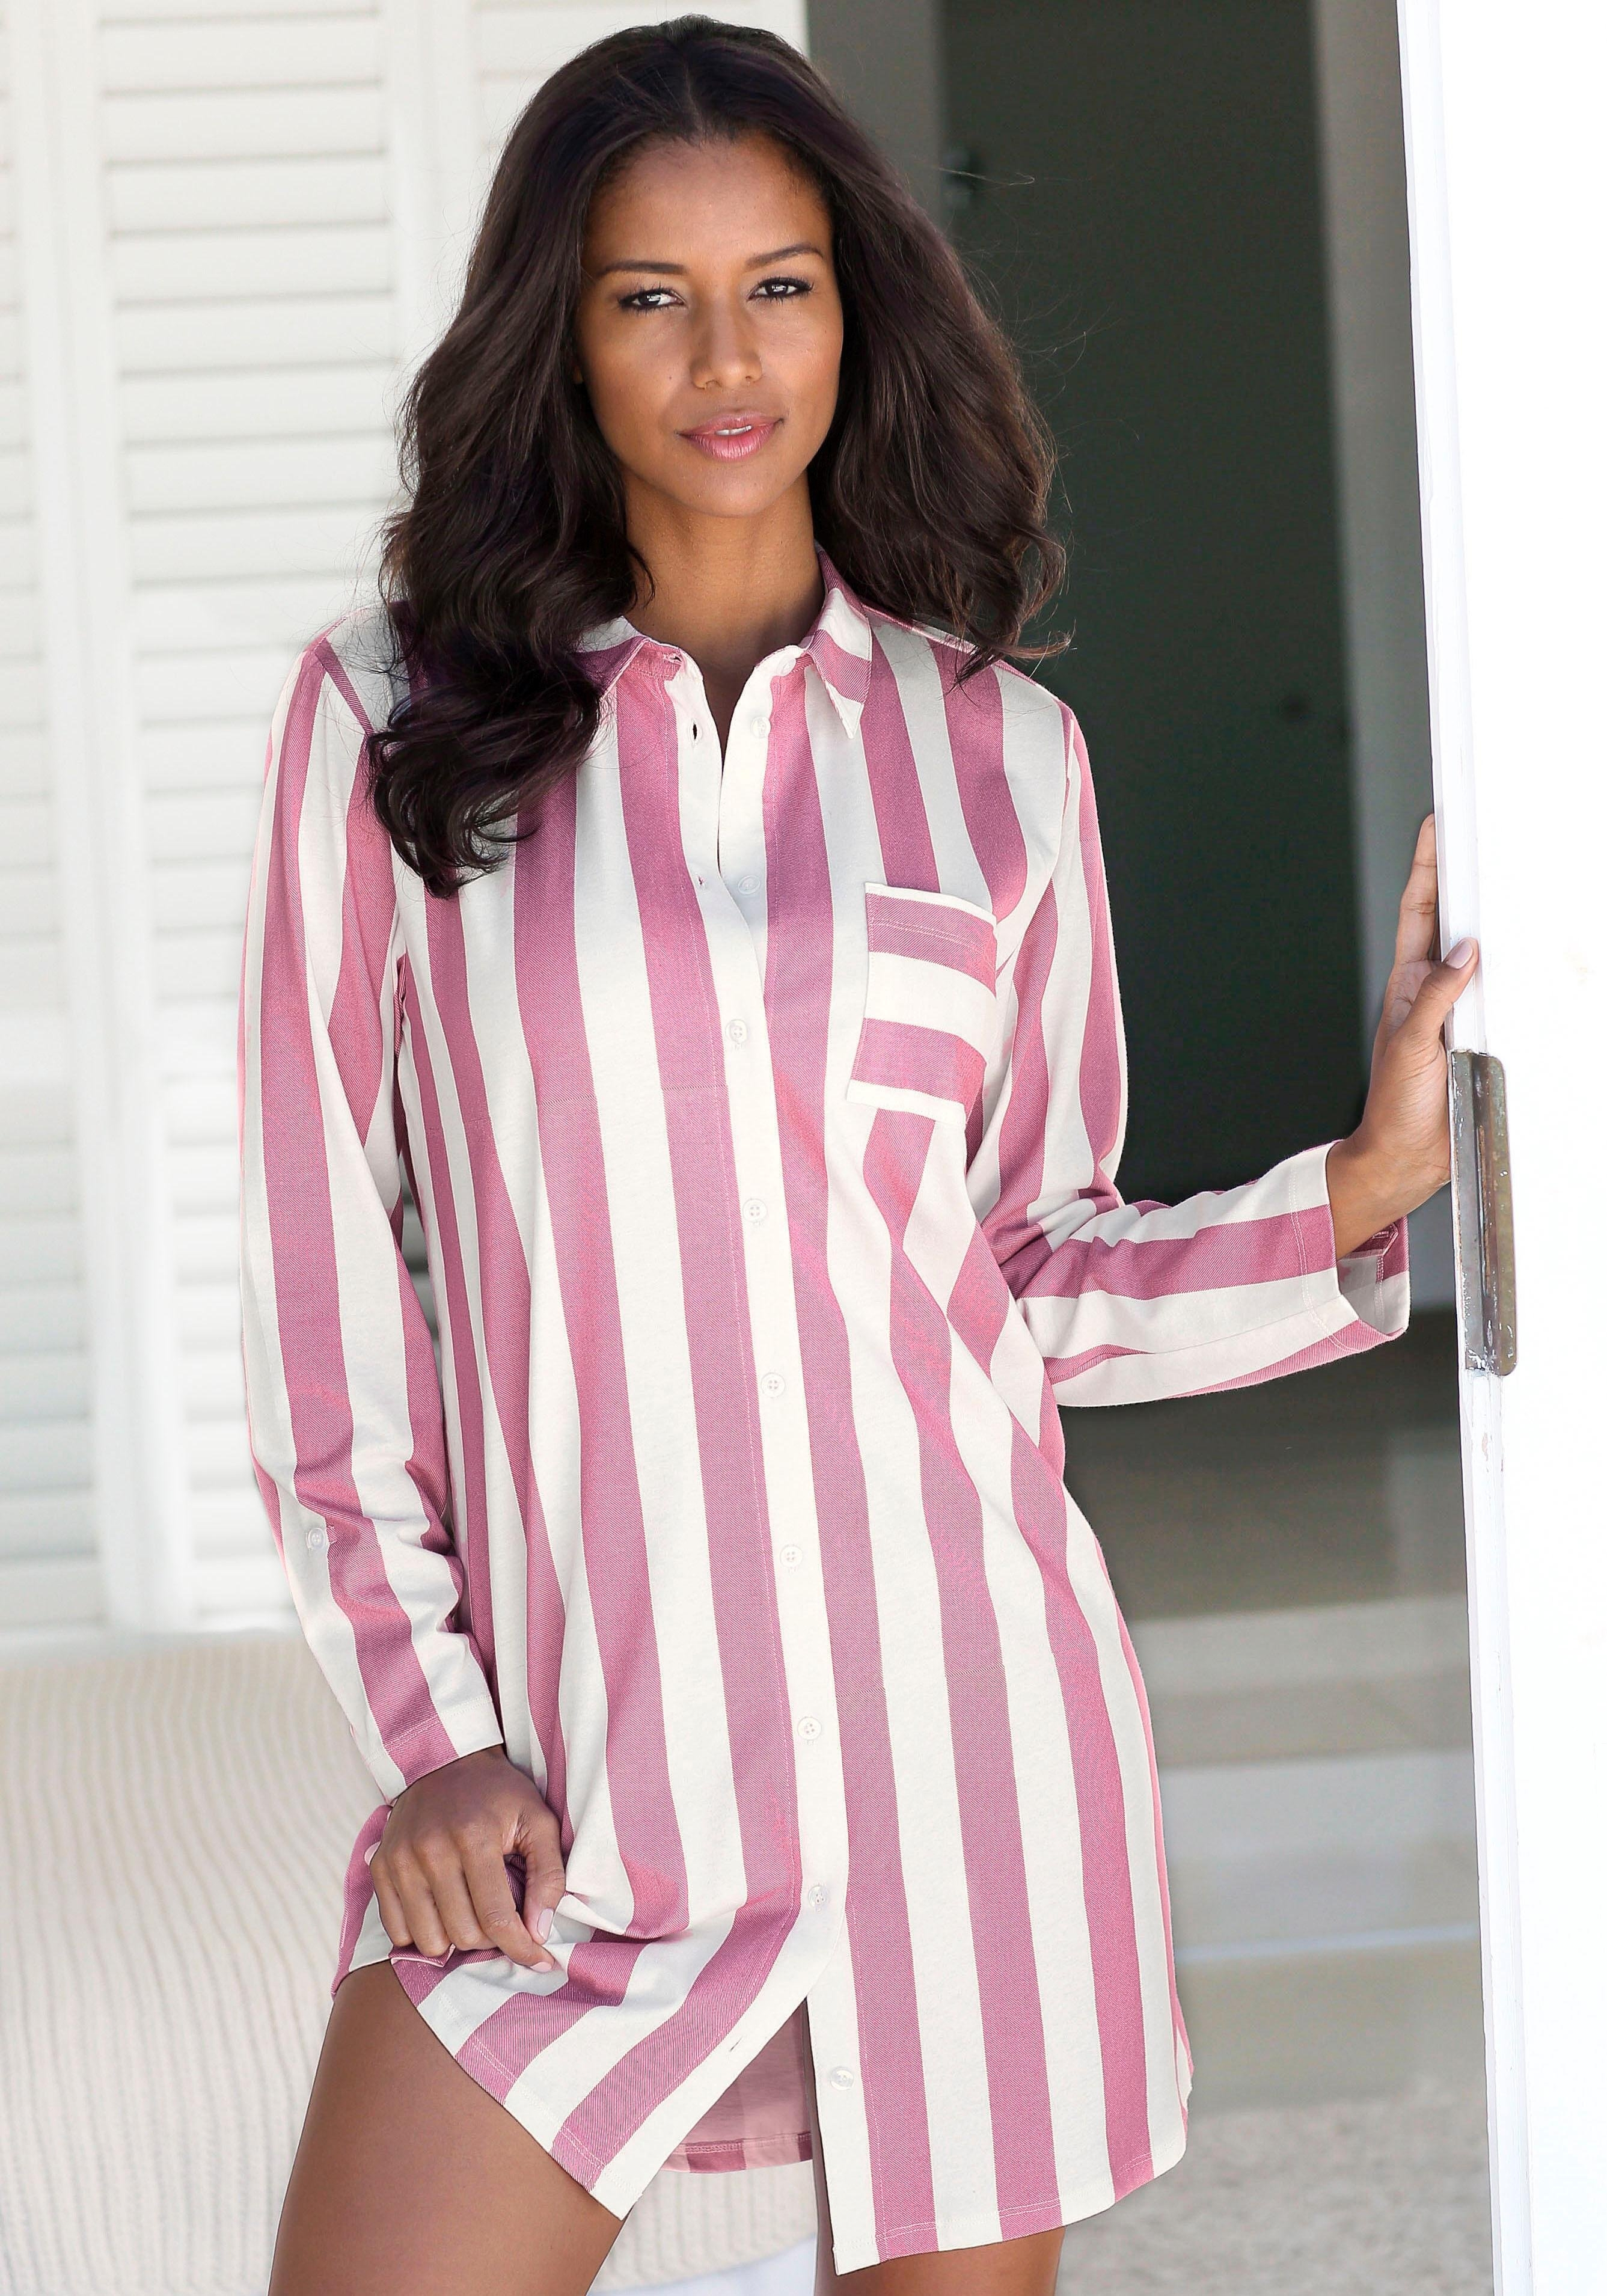 Vivance Collection Vivance Dreams nachthemd in overhemd-look bestellen: 14 dagen bedenktijd